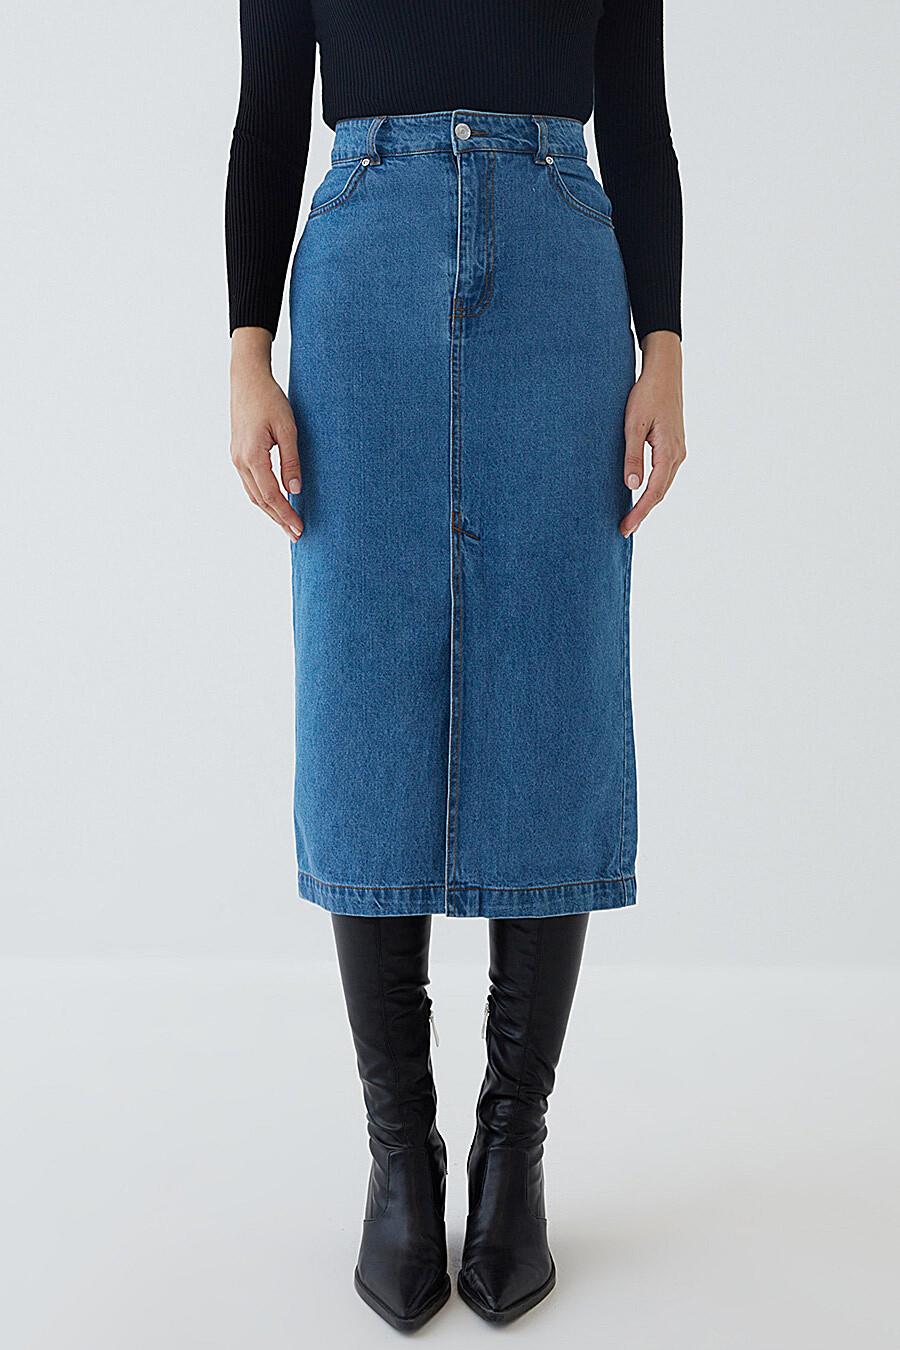 Юбка для женщин ZARINA 289536 купить оптом от производителя. Совместная покупка женской одежды в OptMoyo